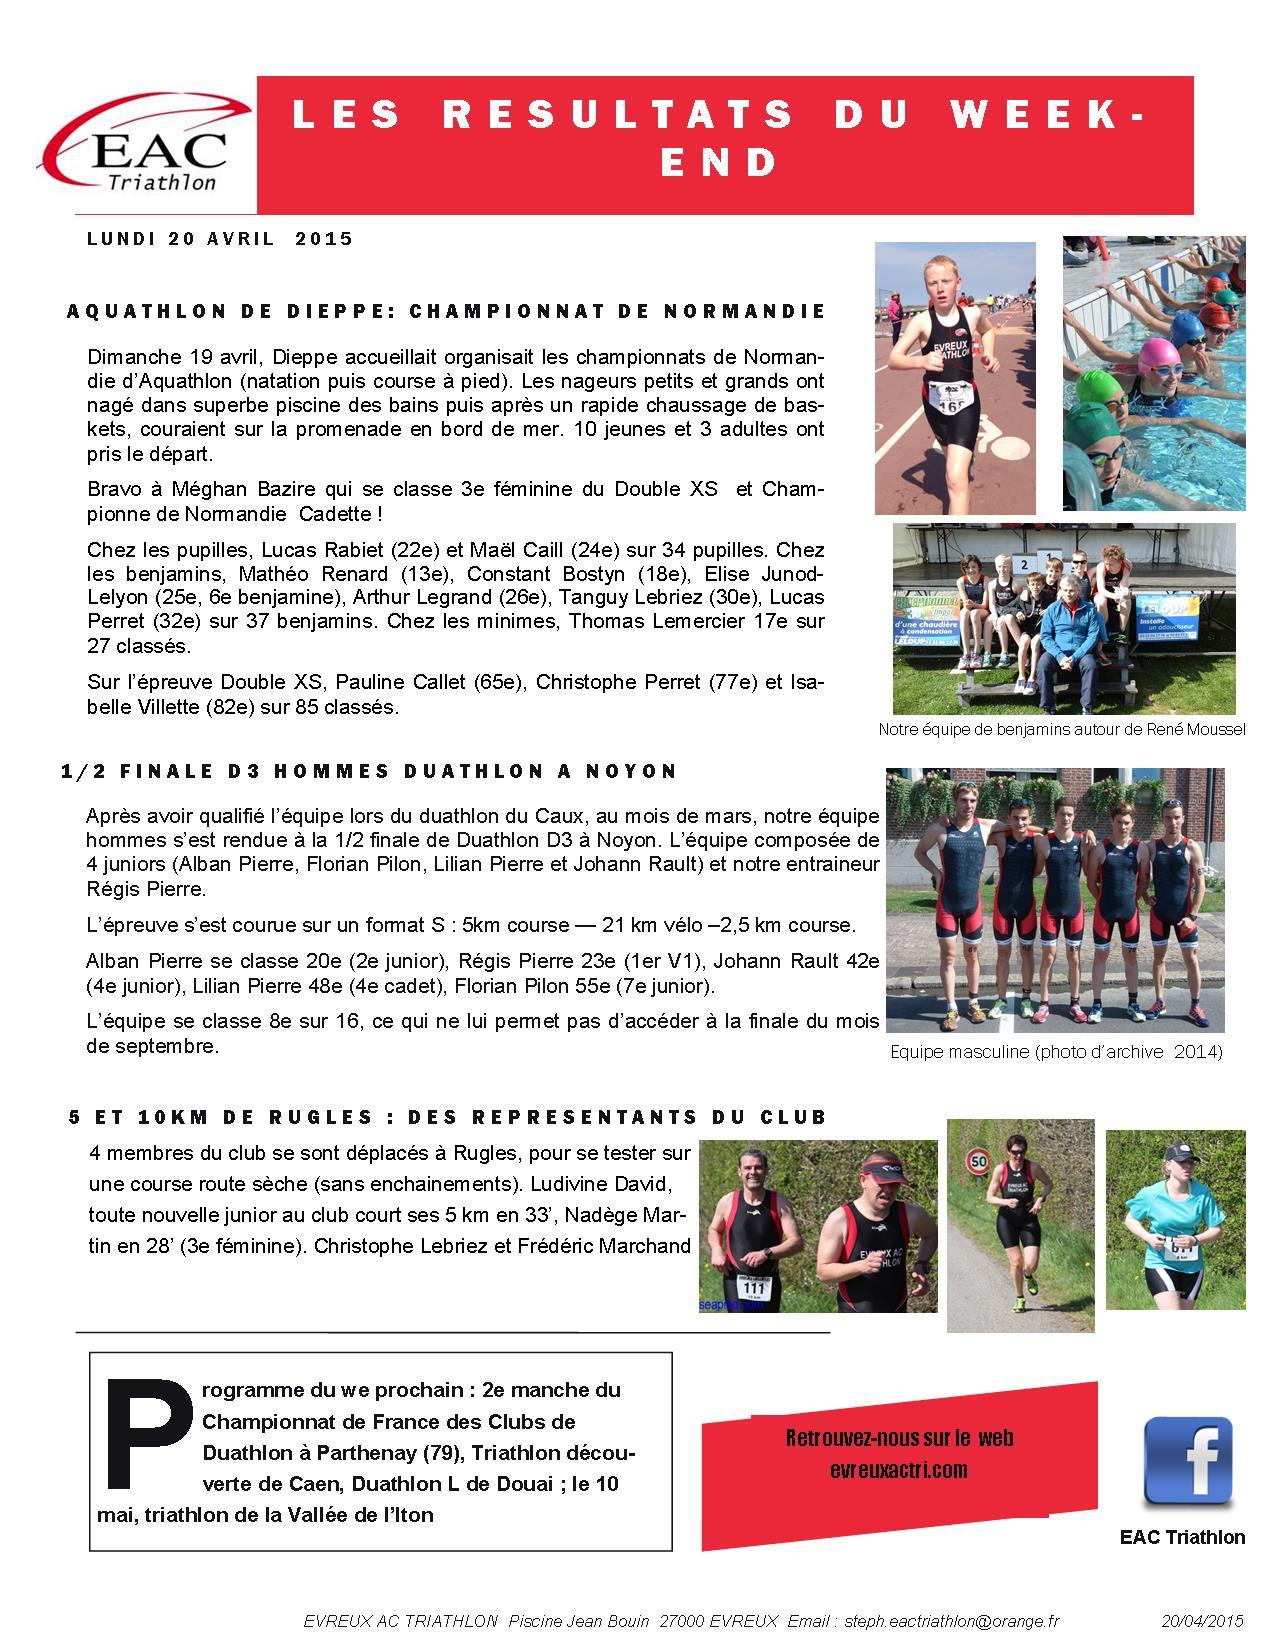 Les Résultats Du Week-End : Aquathlon De Dieppe, Noyon Et 5 ... intérieur Piscine Jean Bouin Évreux